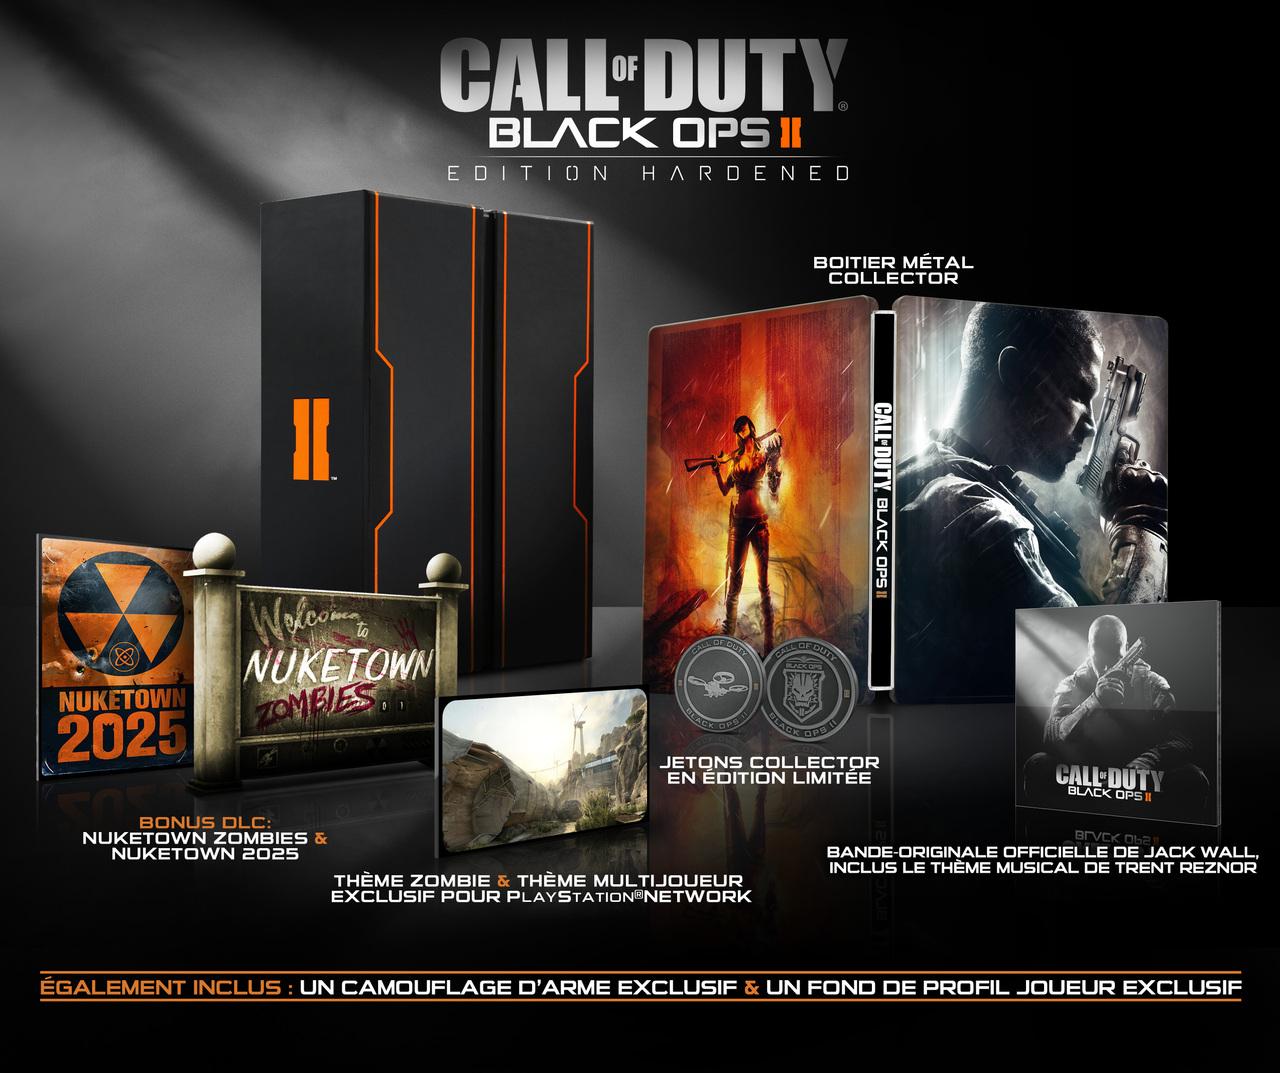 Call Of Duty Black OPS 2 Call-of-duty-black-ops-ii-playstation-3-ps3-1346175304-022